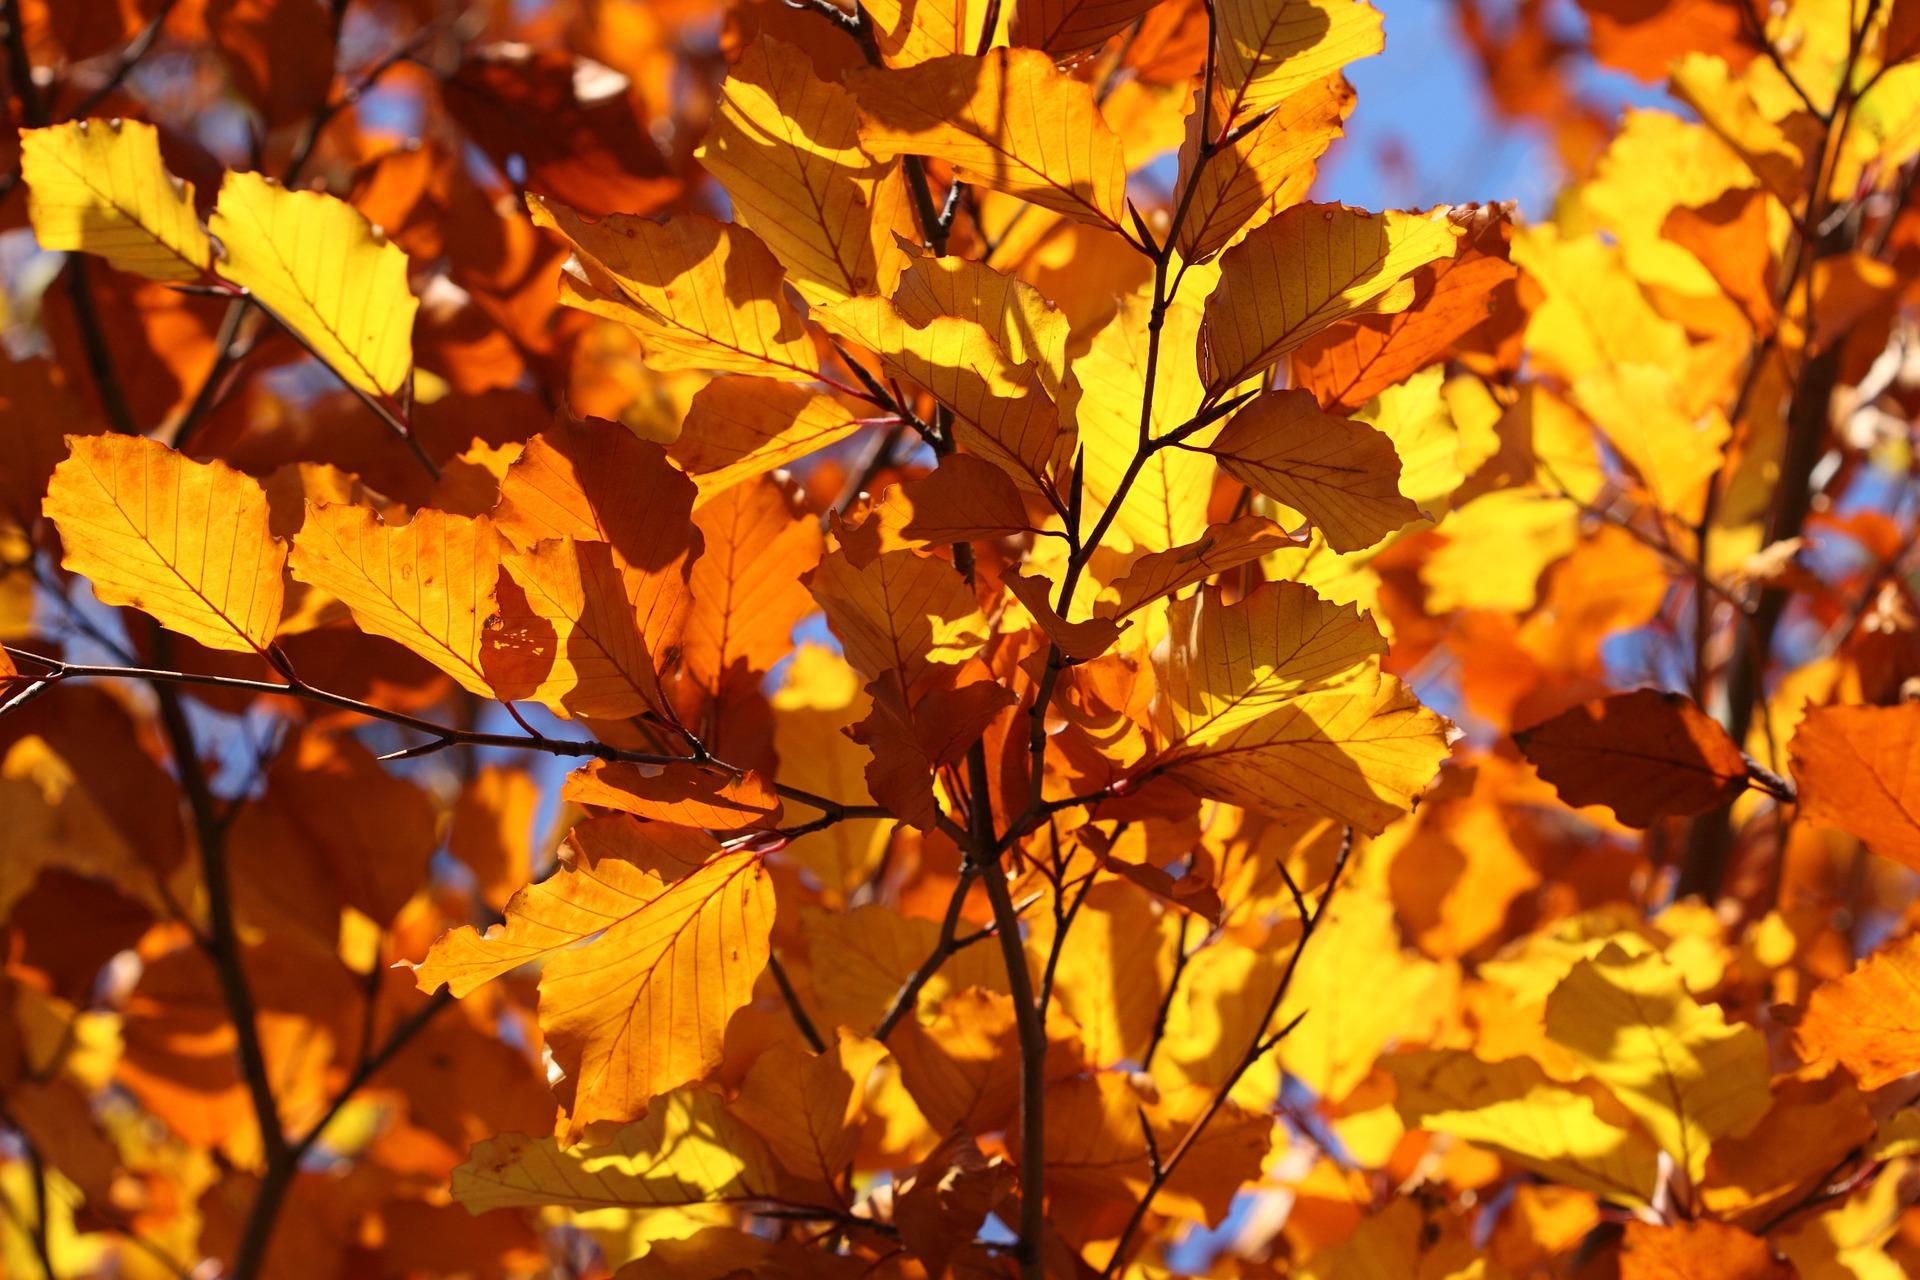 leaf-2012_1920